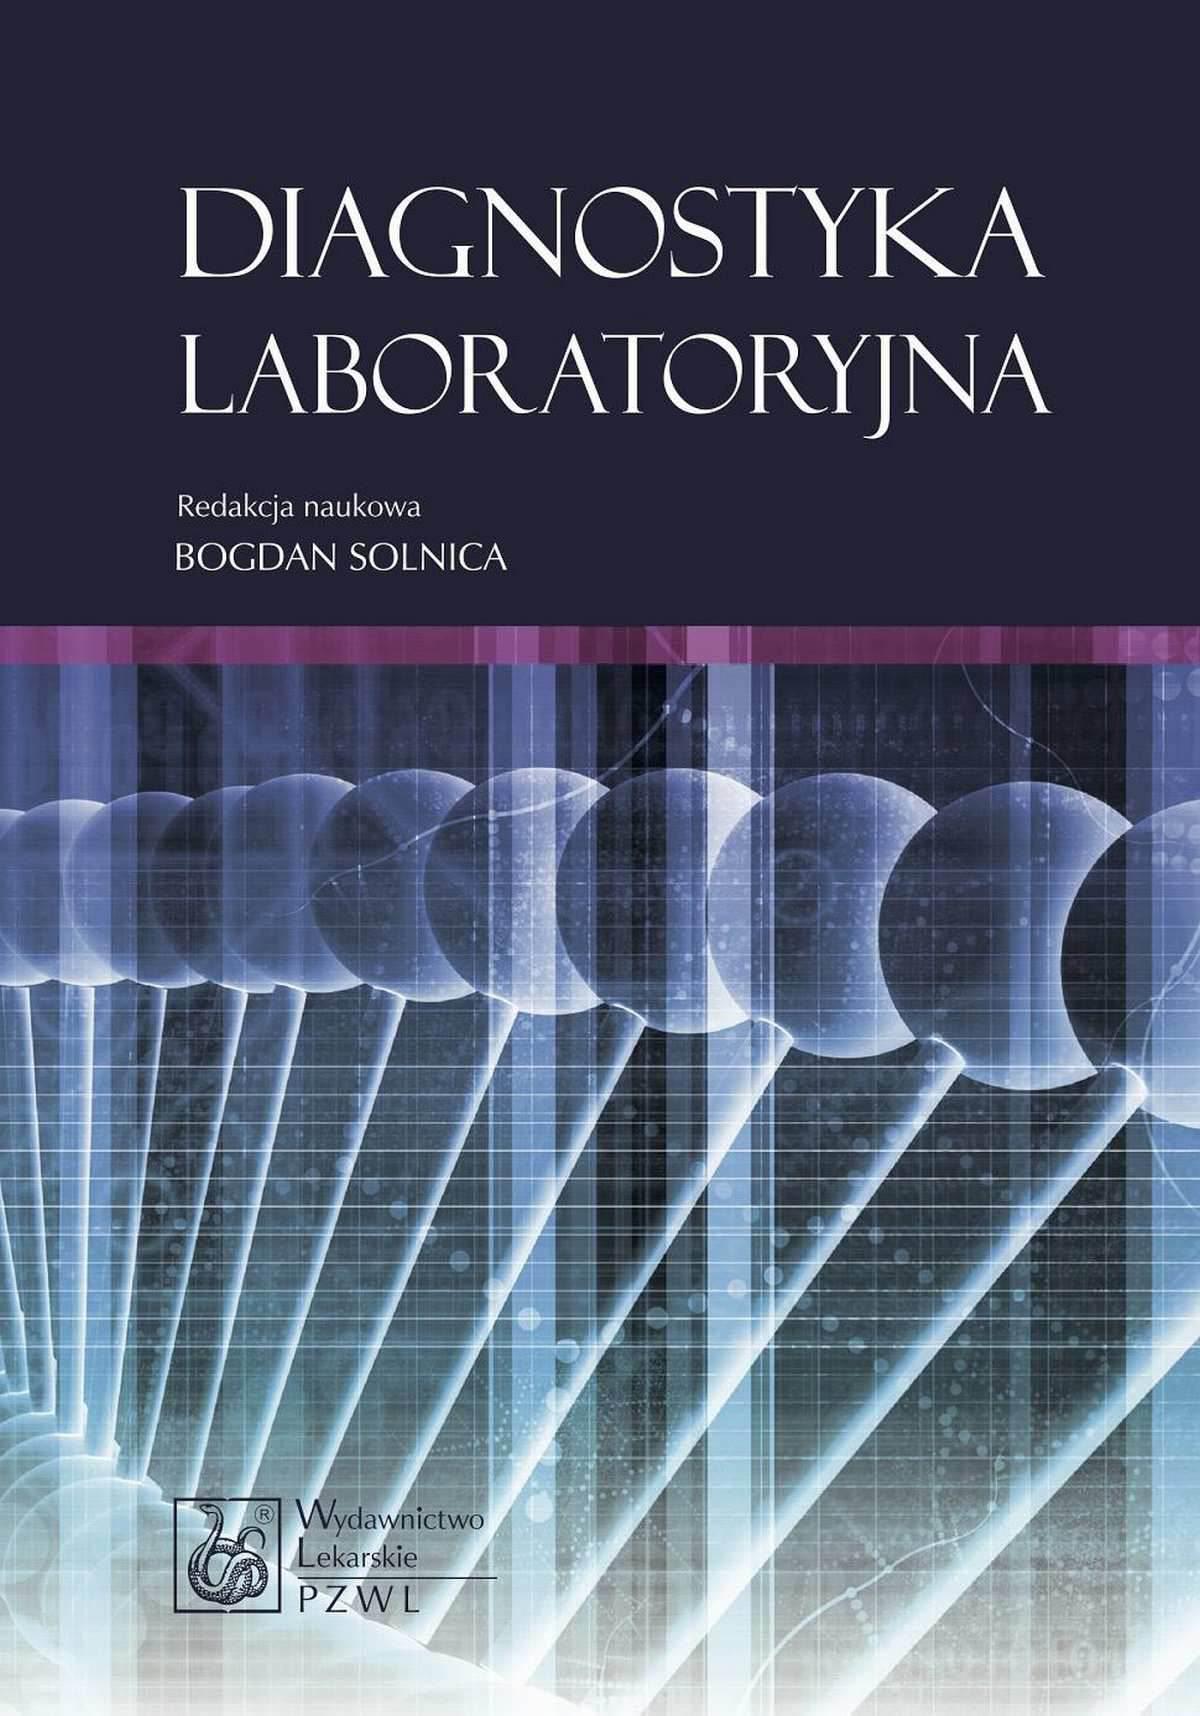 Diagnostyka laboratoryjna - Ebook (Książka EPUB) do pobrania w formacie EPUB